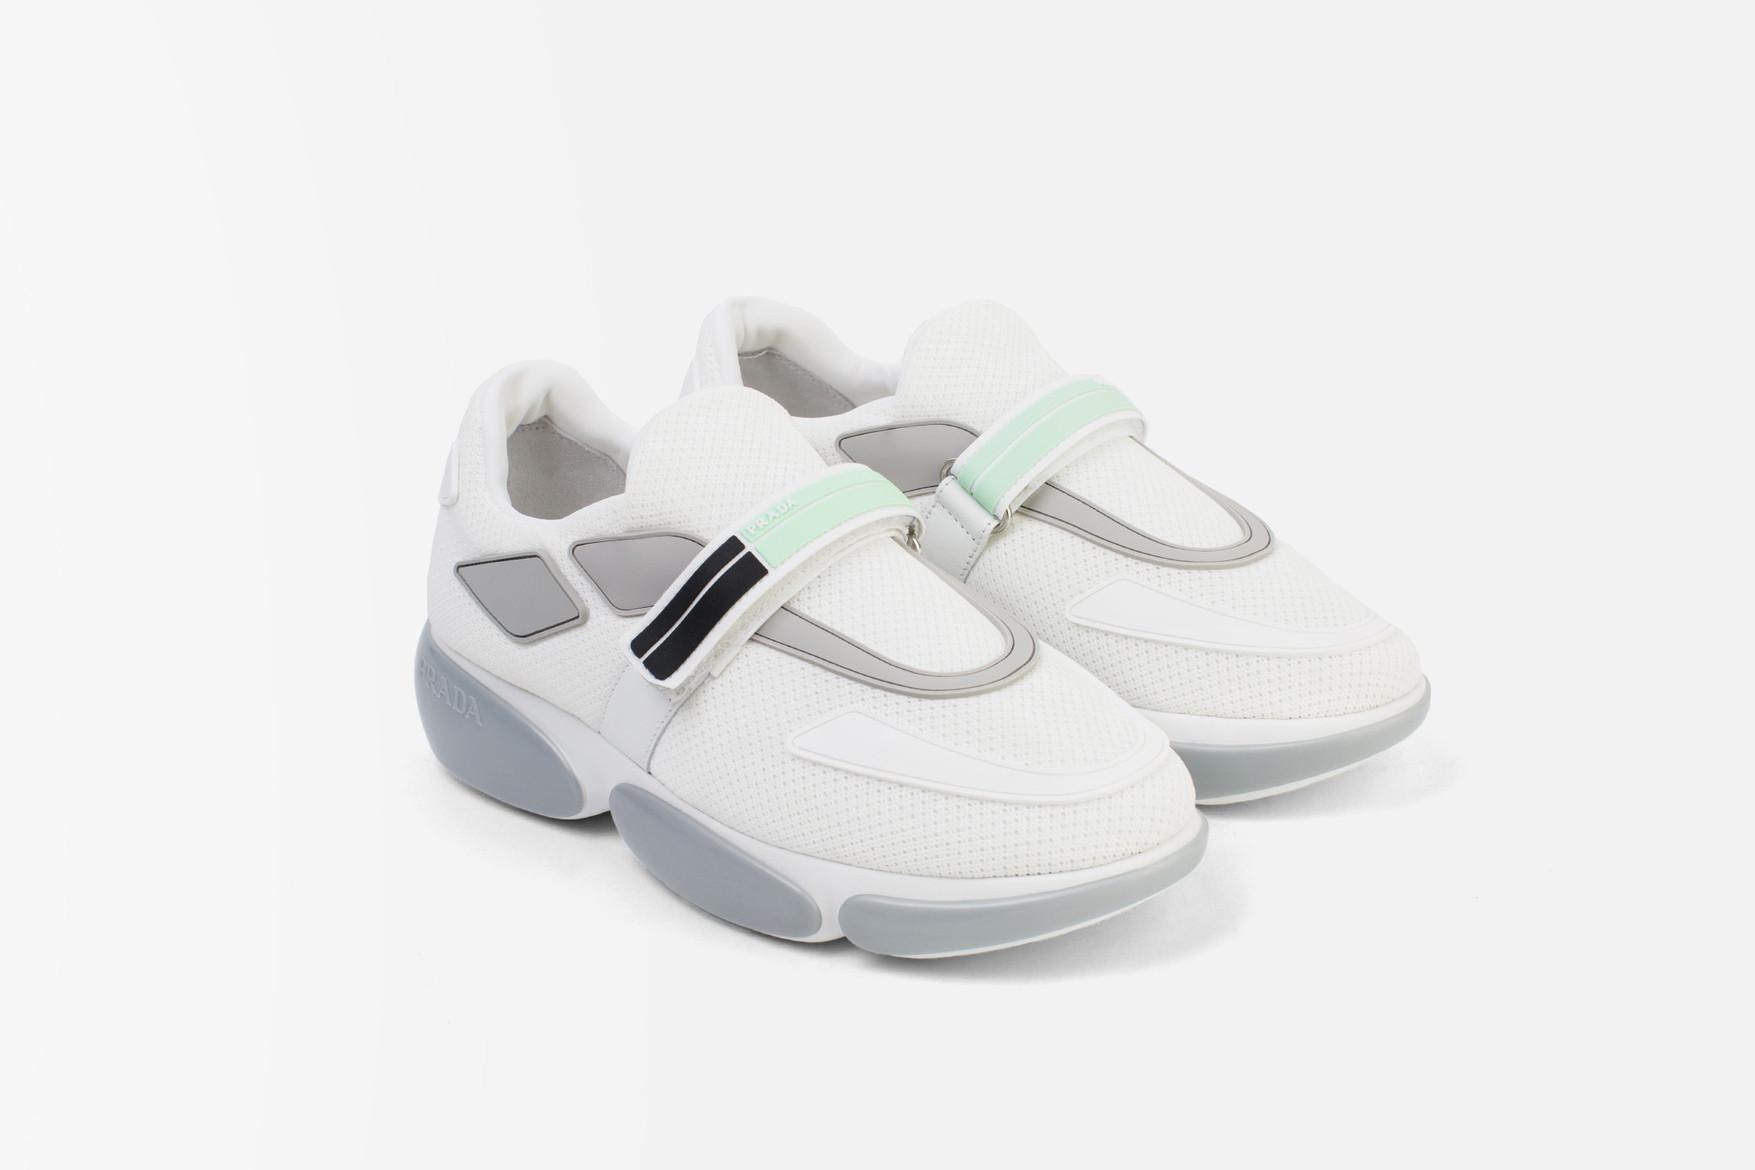 Les sneakers Cloudbust de Prada donnent le la